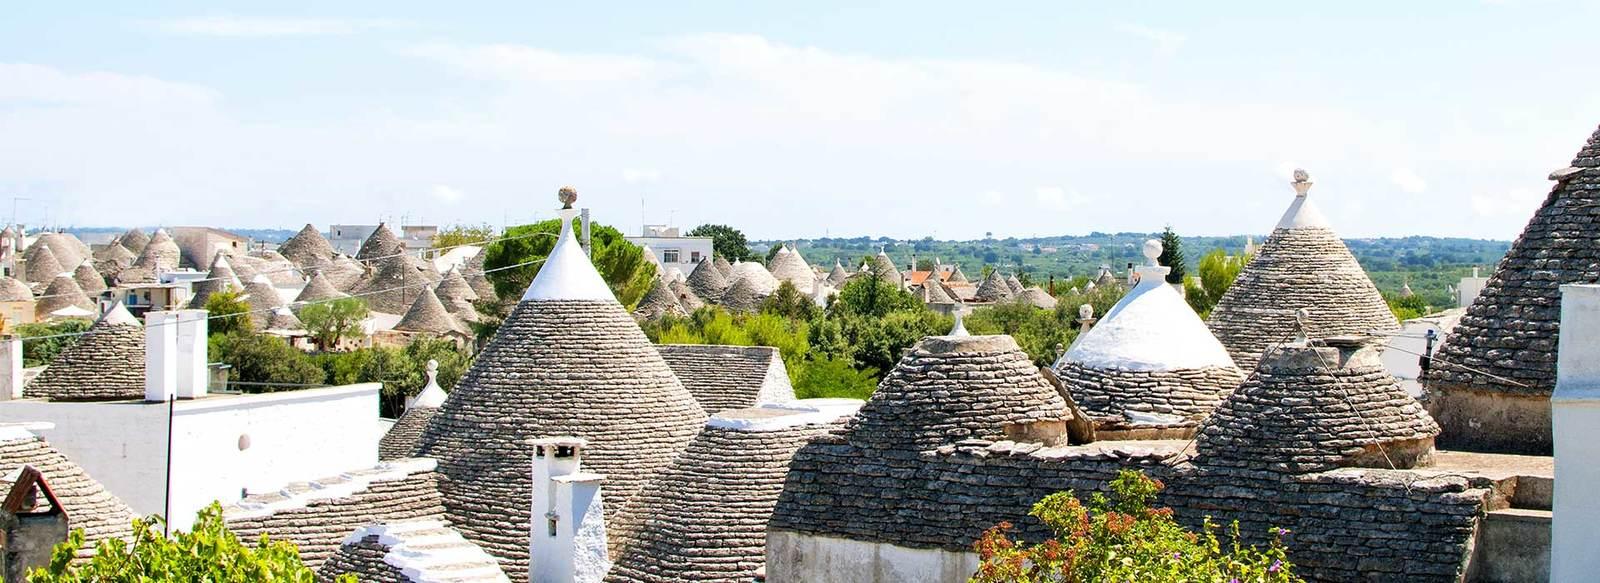 Dimora storica nella Valle dei Trulli